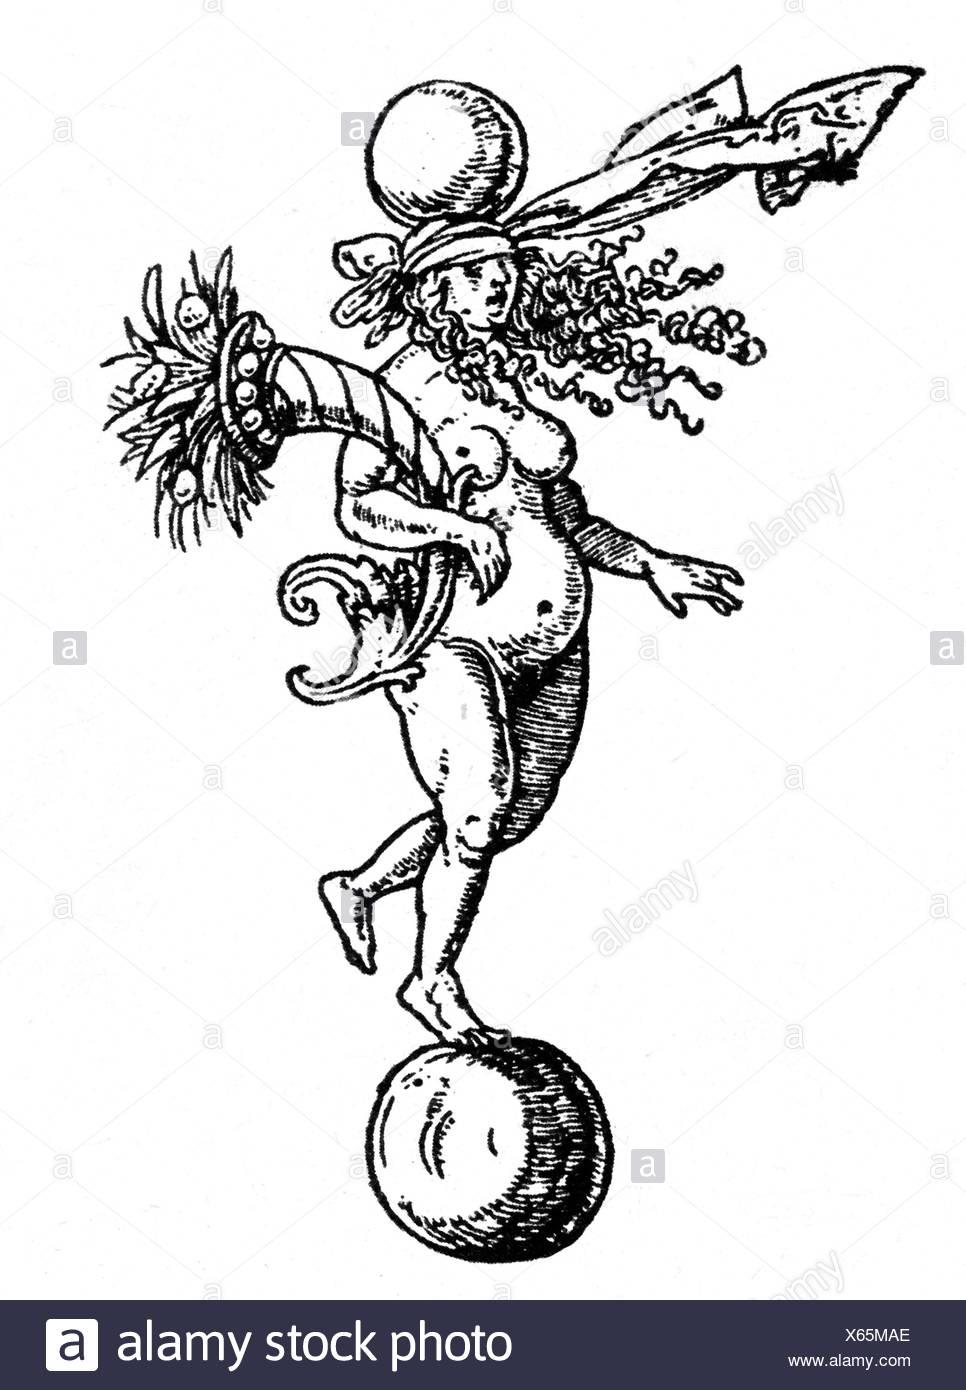 Fortuna, römische Göttin Fortuna, Holzschnitt von Albrecht Dürer (1471 - 1528), Artist's Urheberrecht nicht gelöscht werden Stockbild